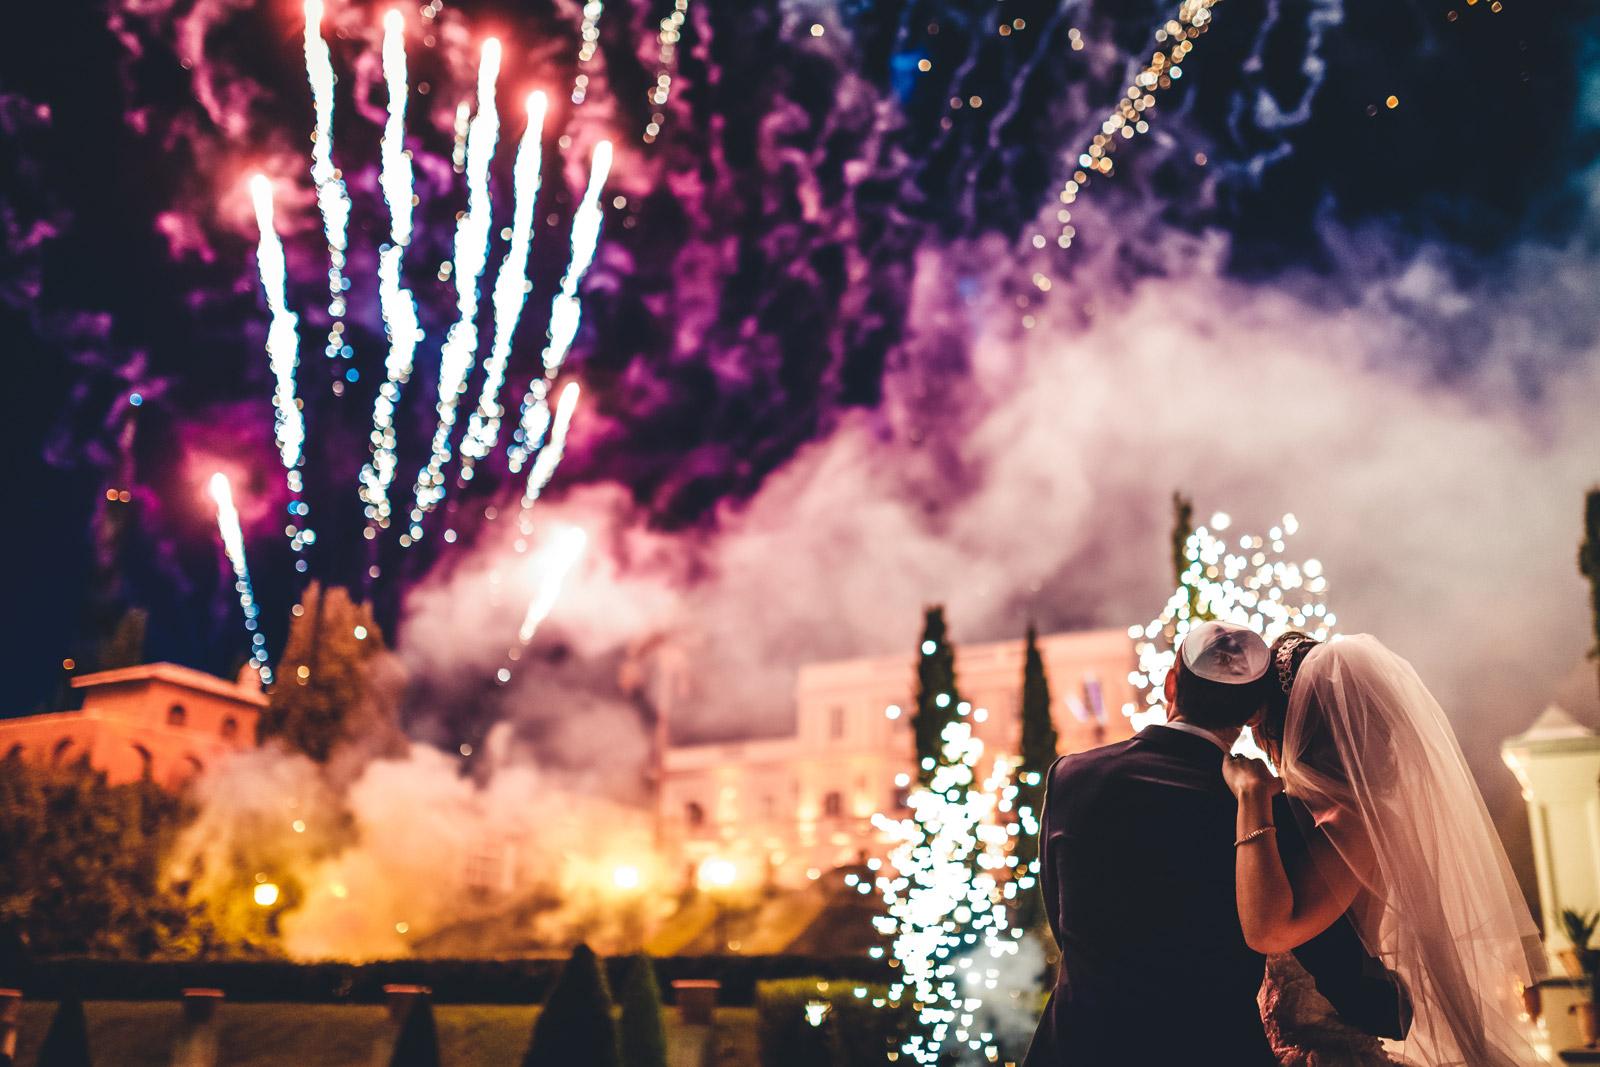 fotografo matrimonio vicenza festa fuochi d'artificio